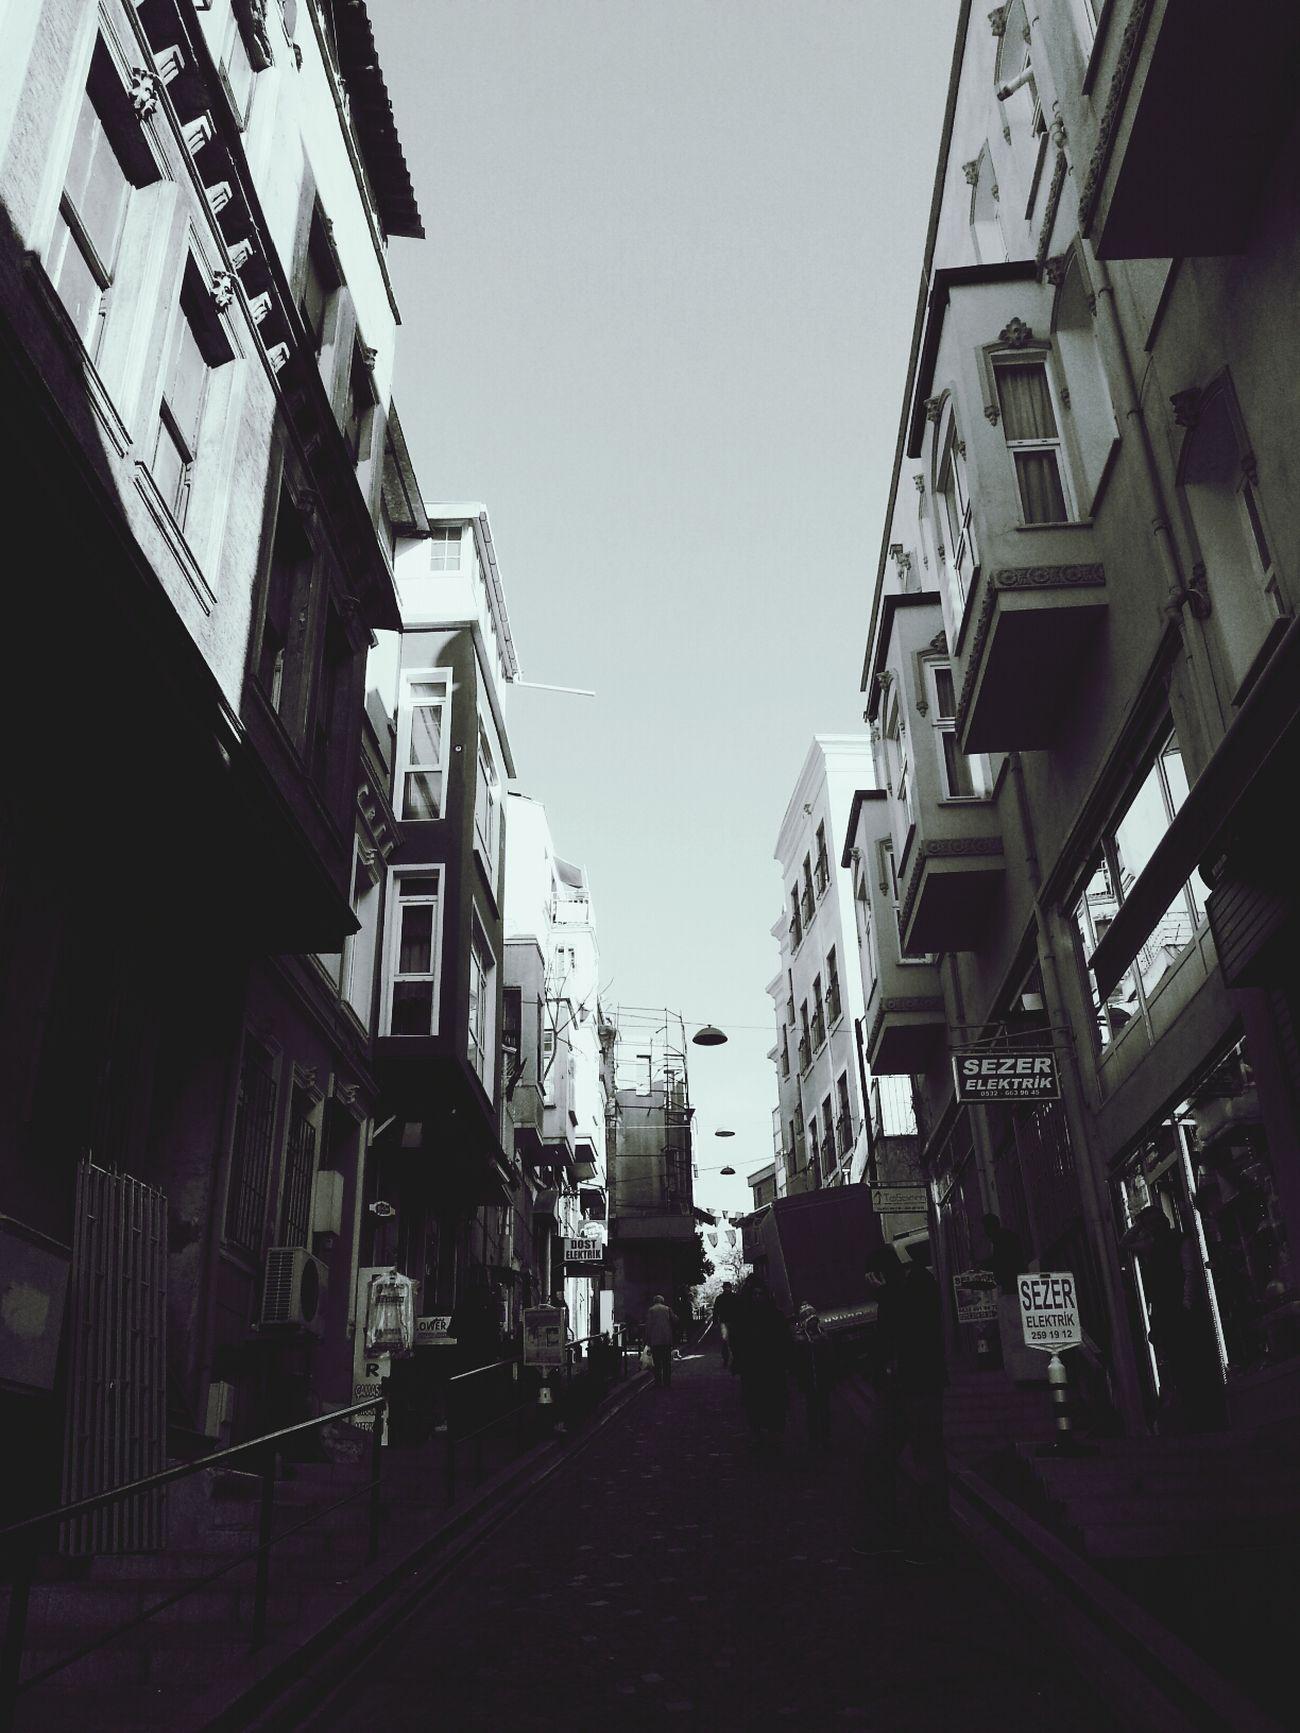 Istanbuldanmanzaralar Istanbuldayasam Sokaklar Istanbullovers